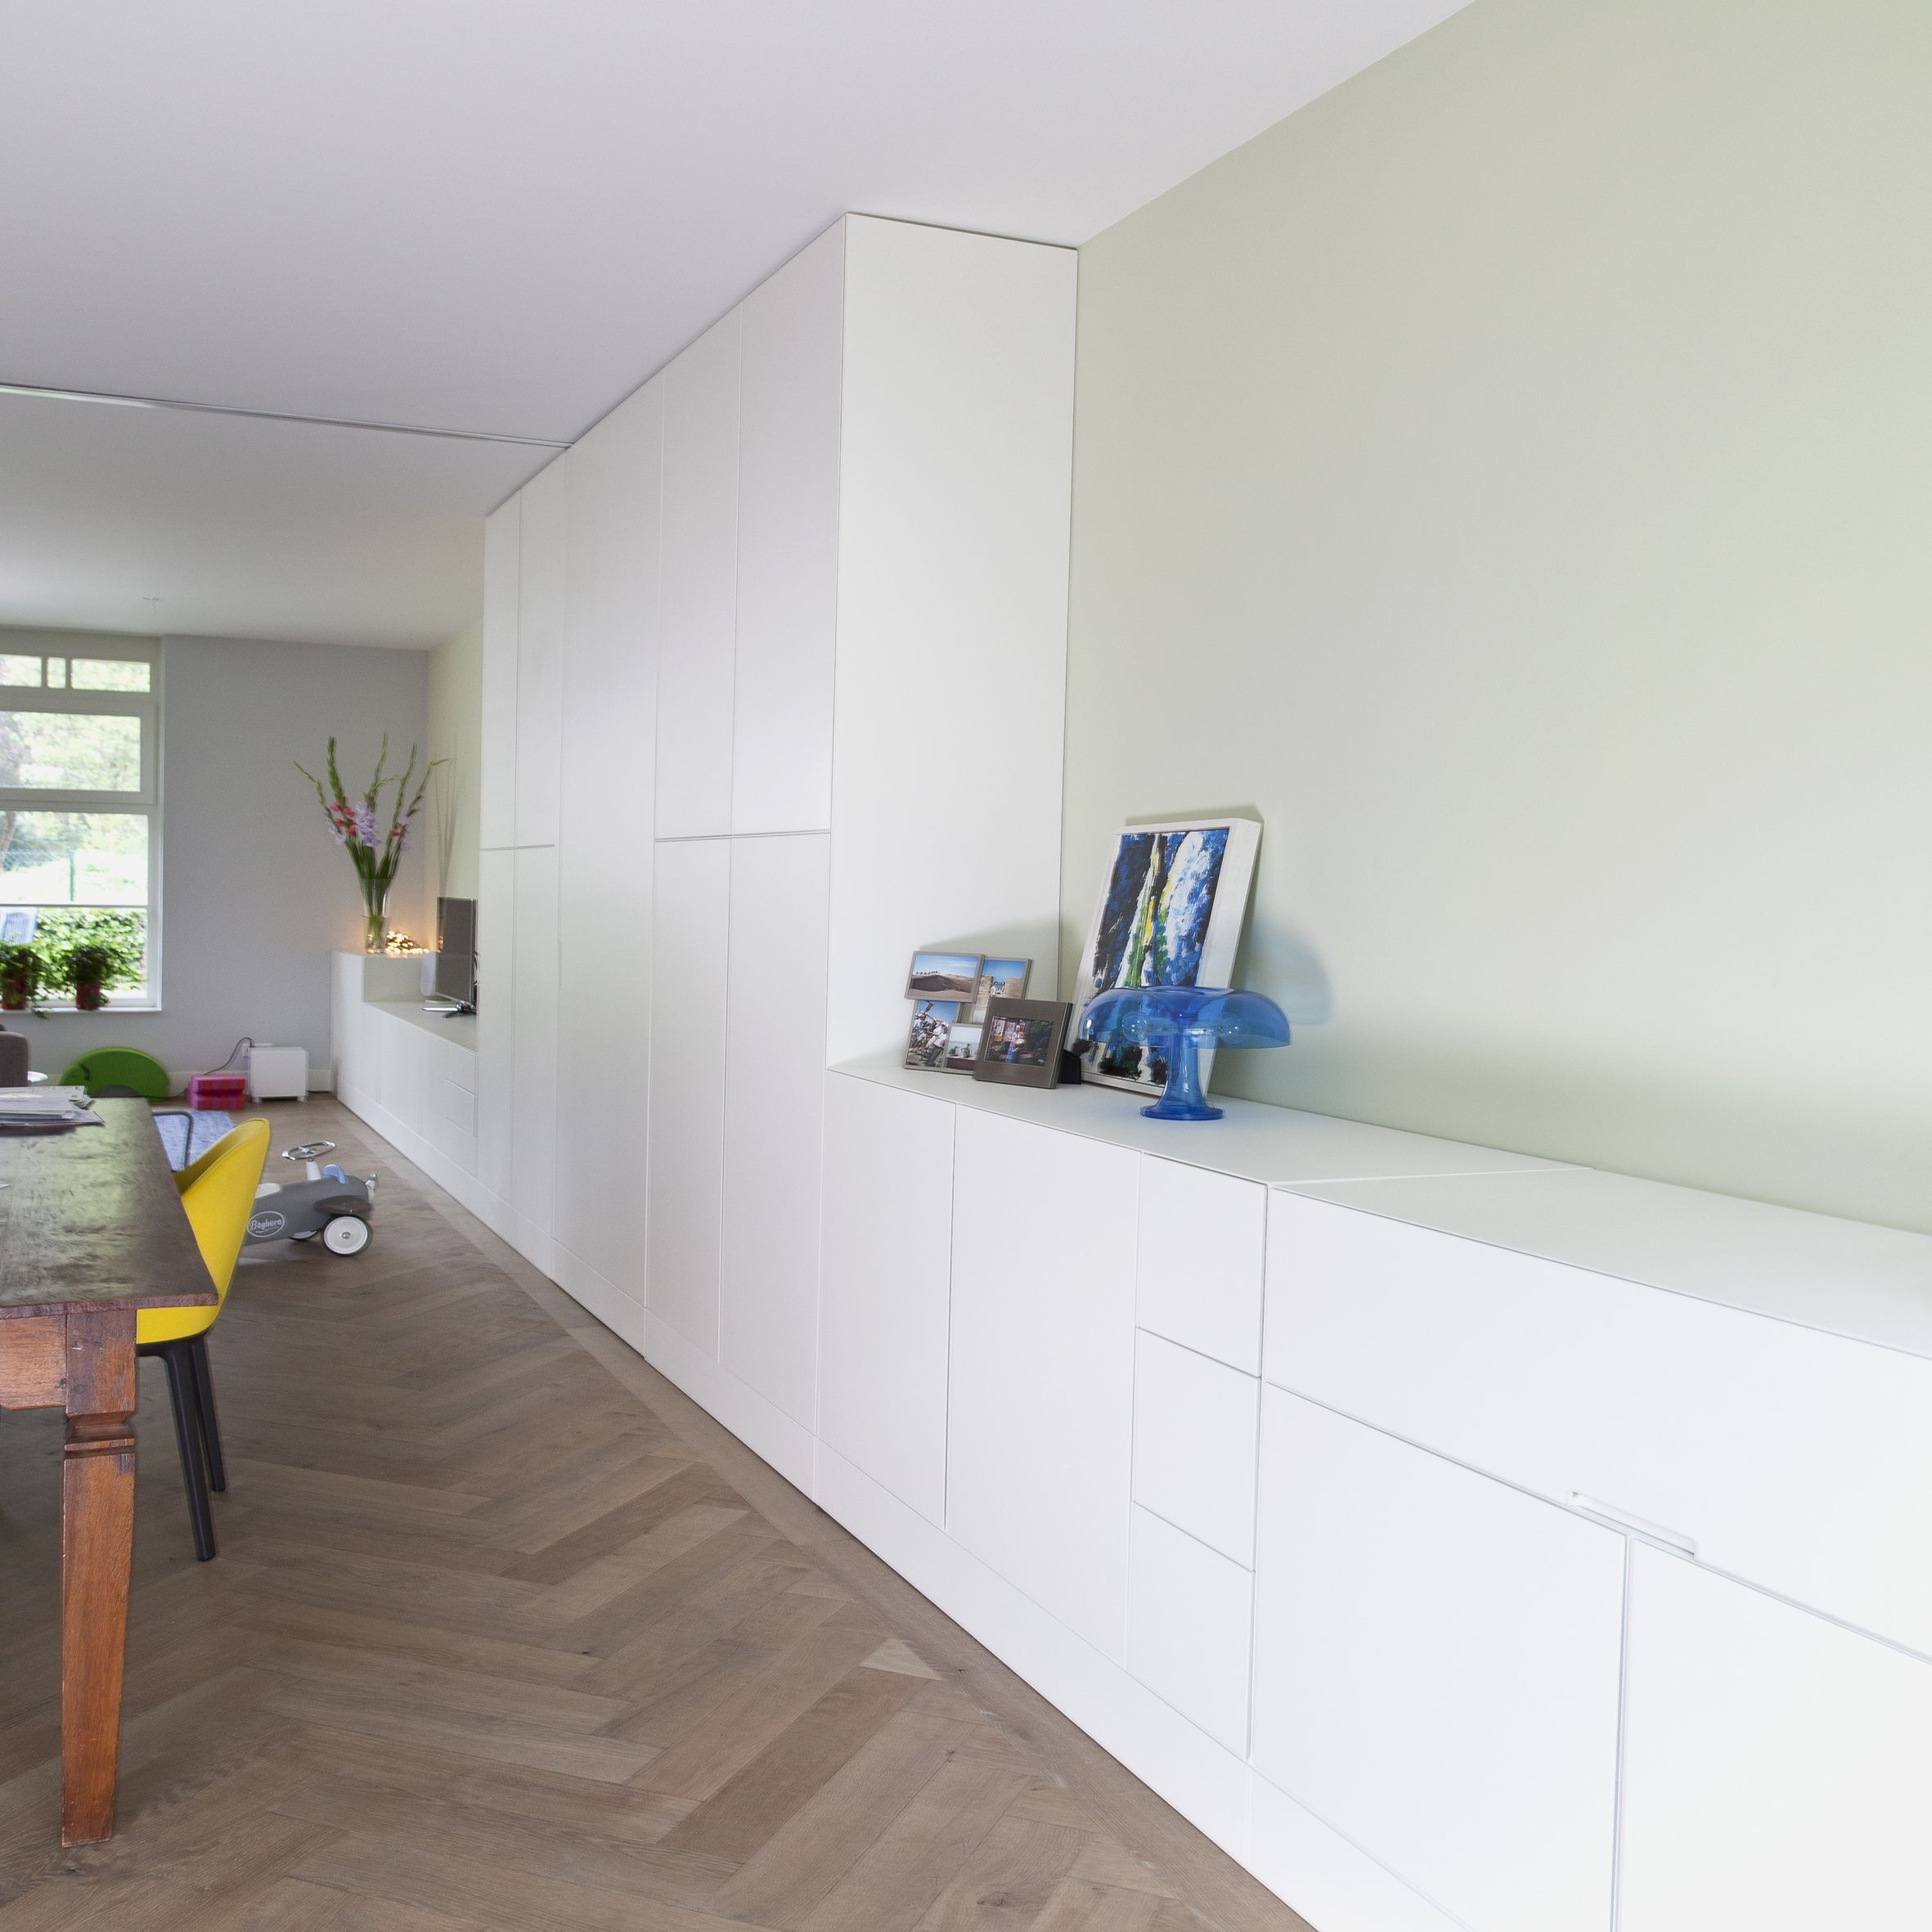 Afbeeldingsresultaat voor kastenwand woonkamer | interior exterior ...